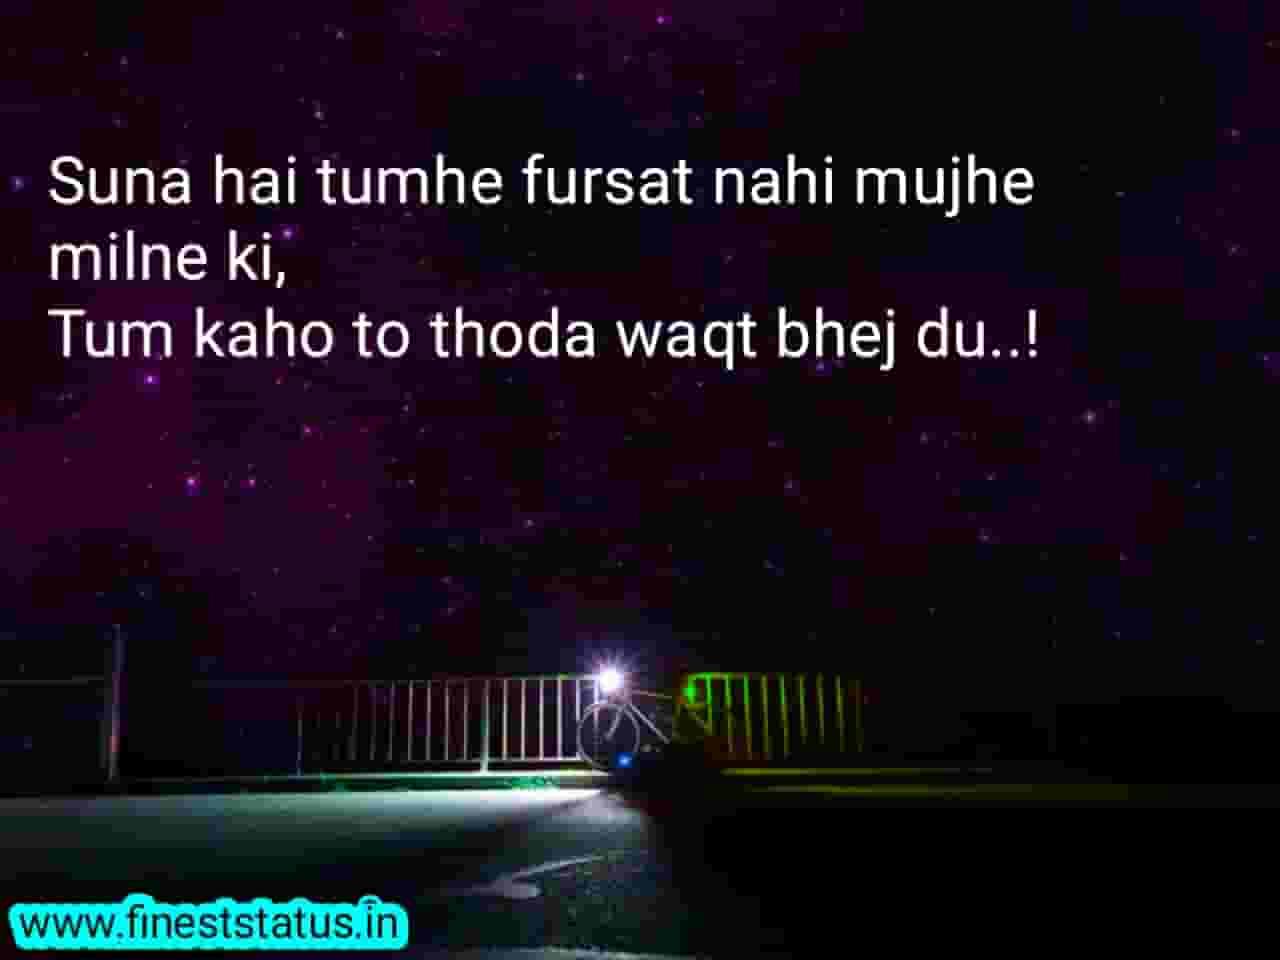 Guzra Waqt Shayari In Hindi | बुरे वक़्त की शायरी 2 line